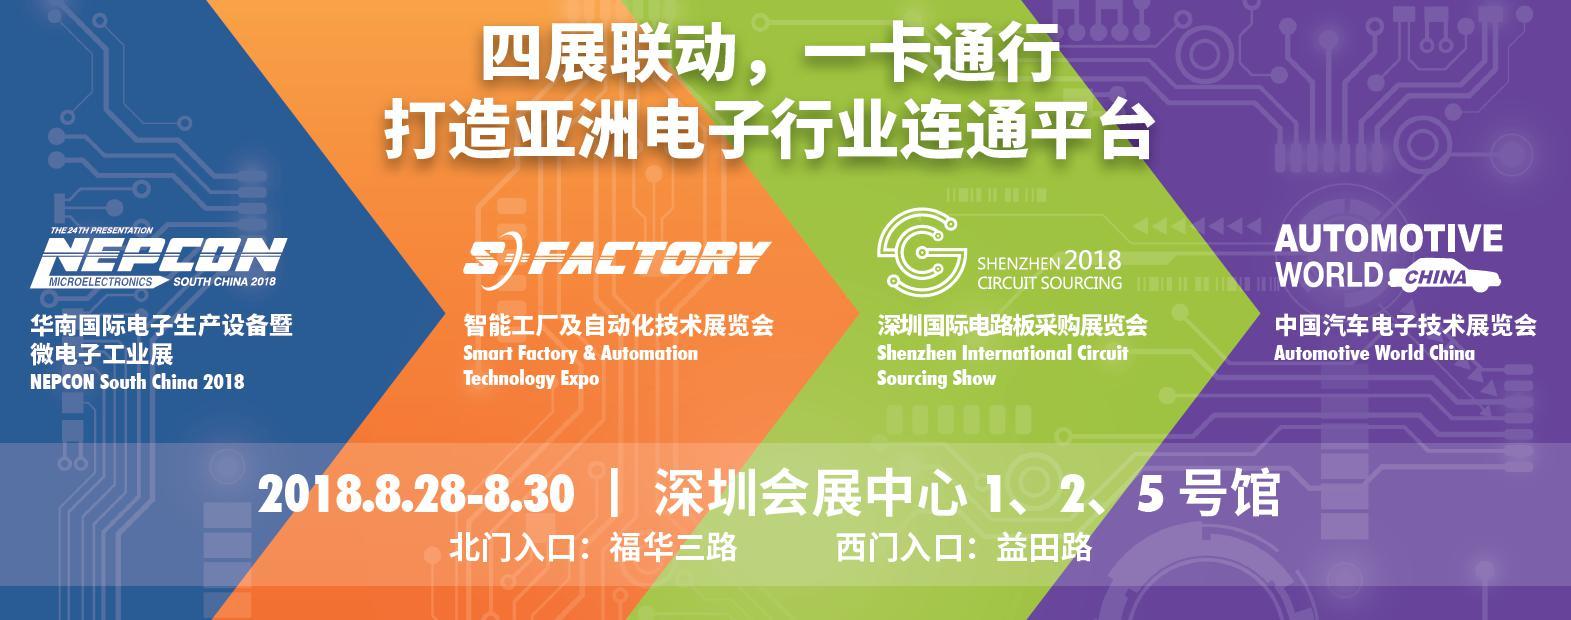 第二十四届华南国际电子生产设备暨微电子工业展看点